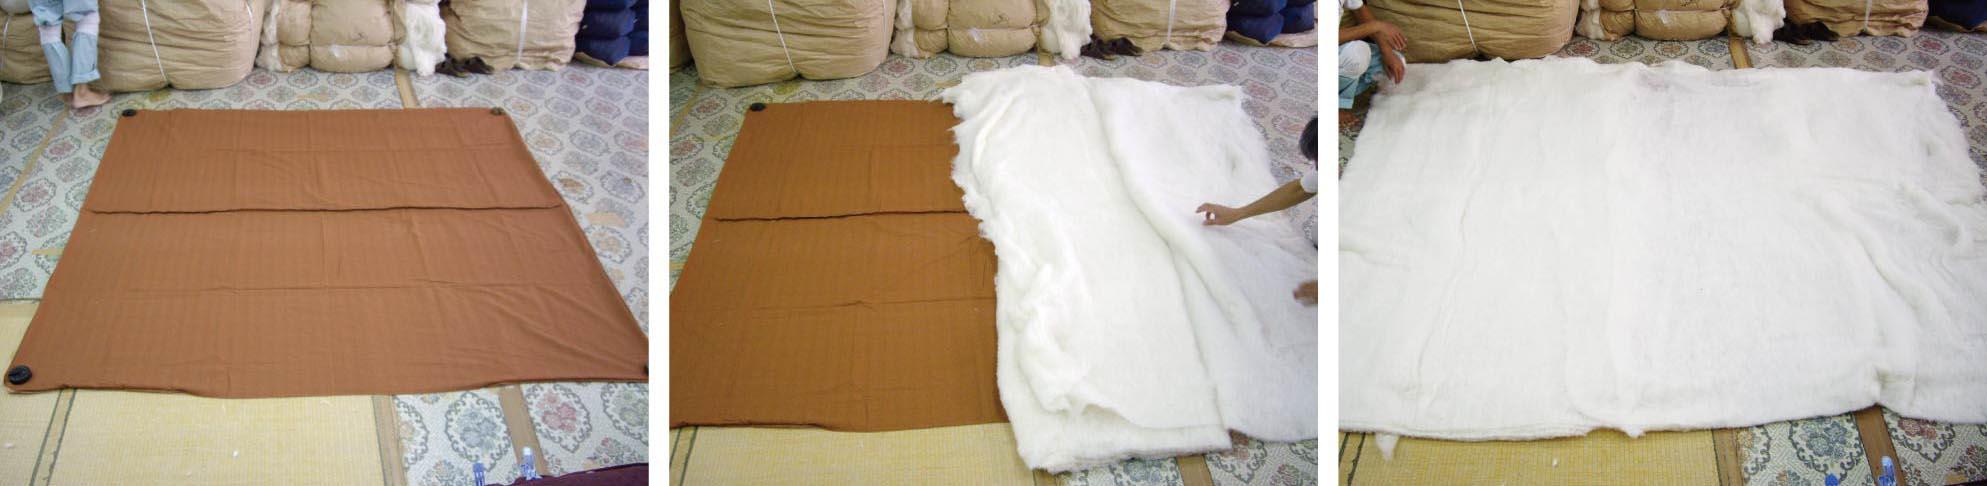 布団は京都の職人による、オーダーメイドです。